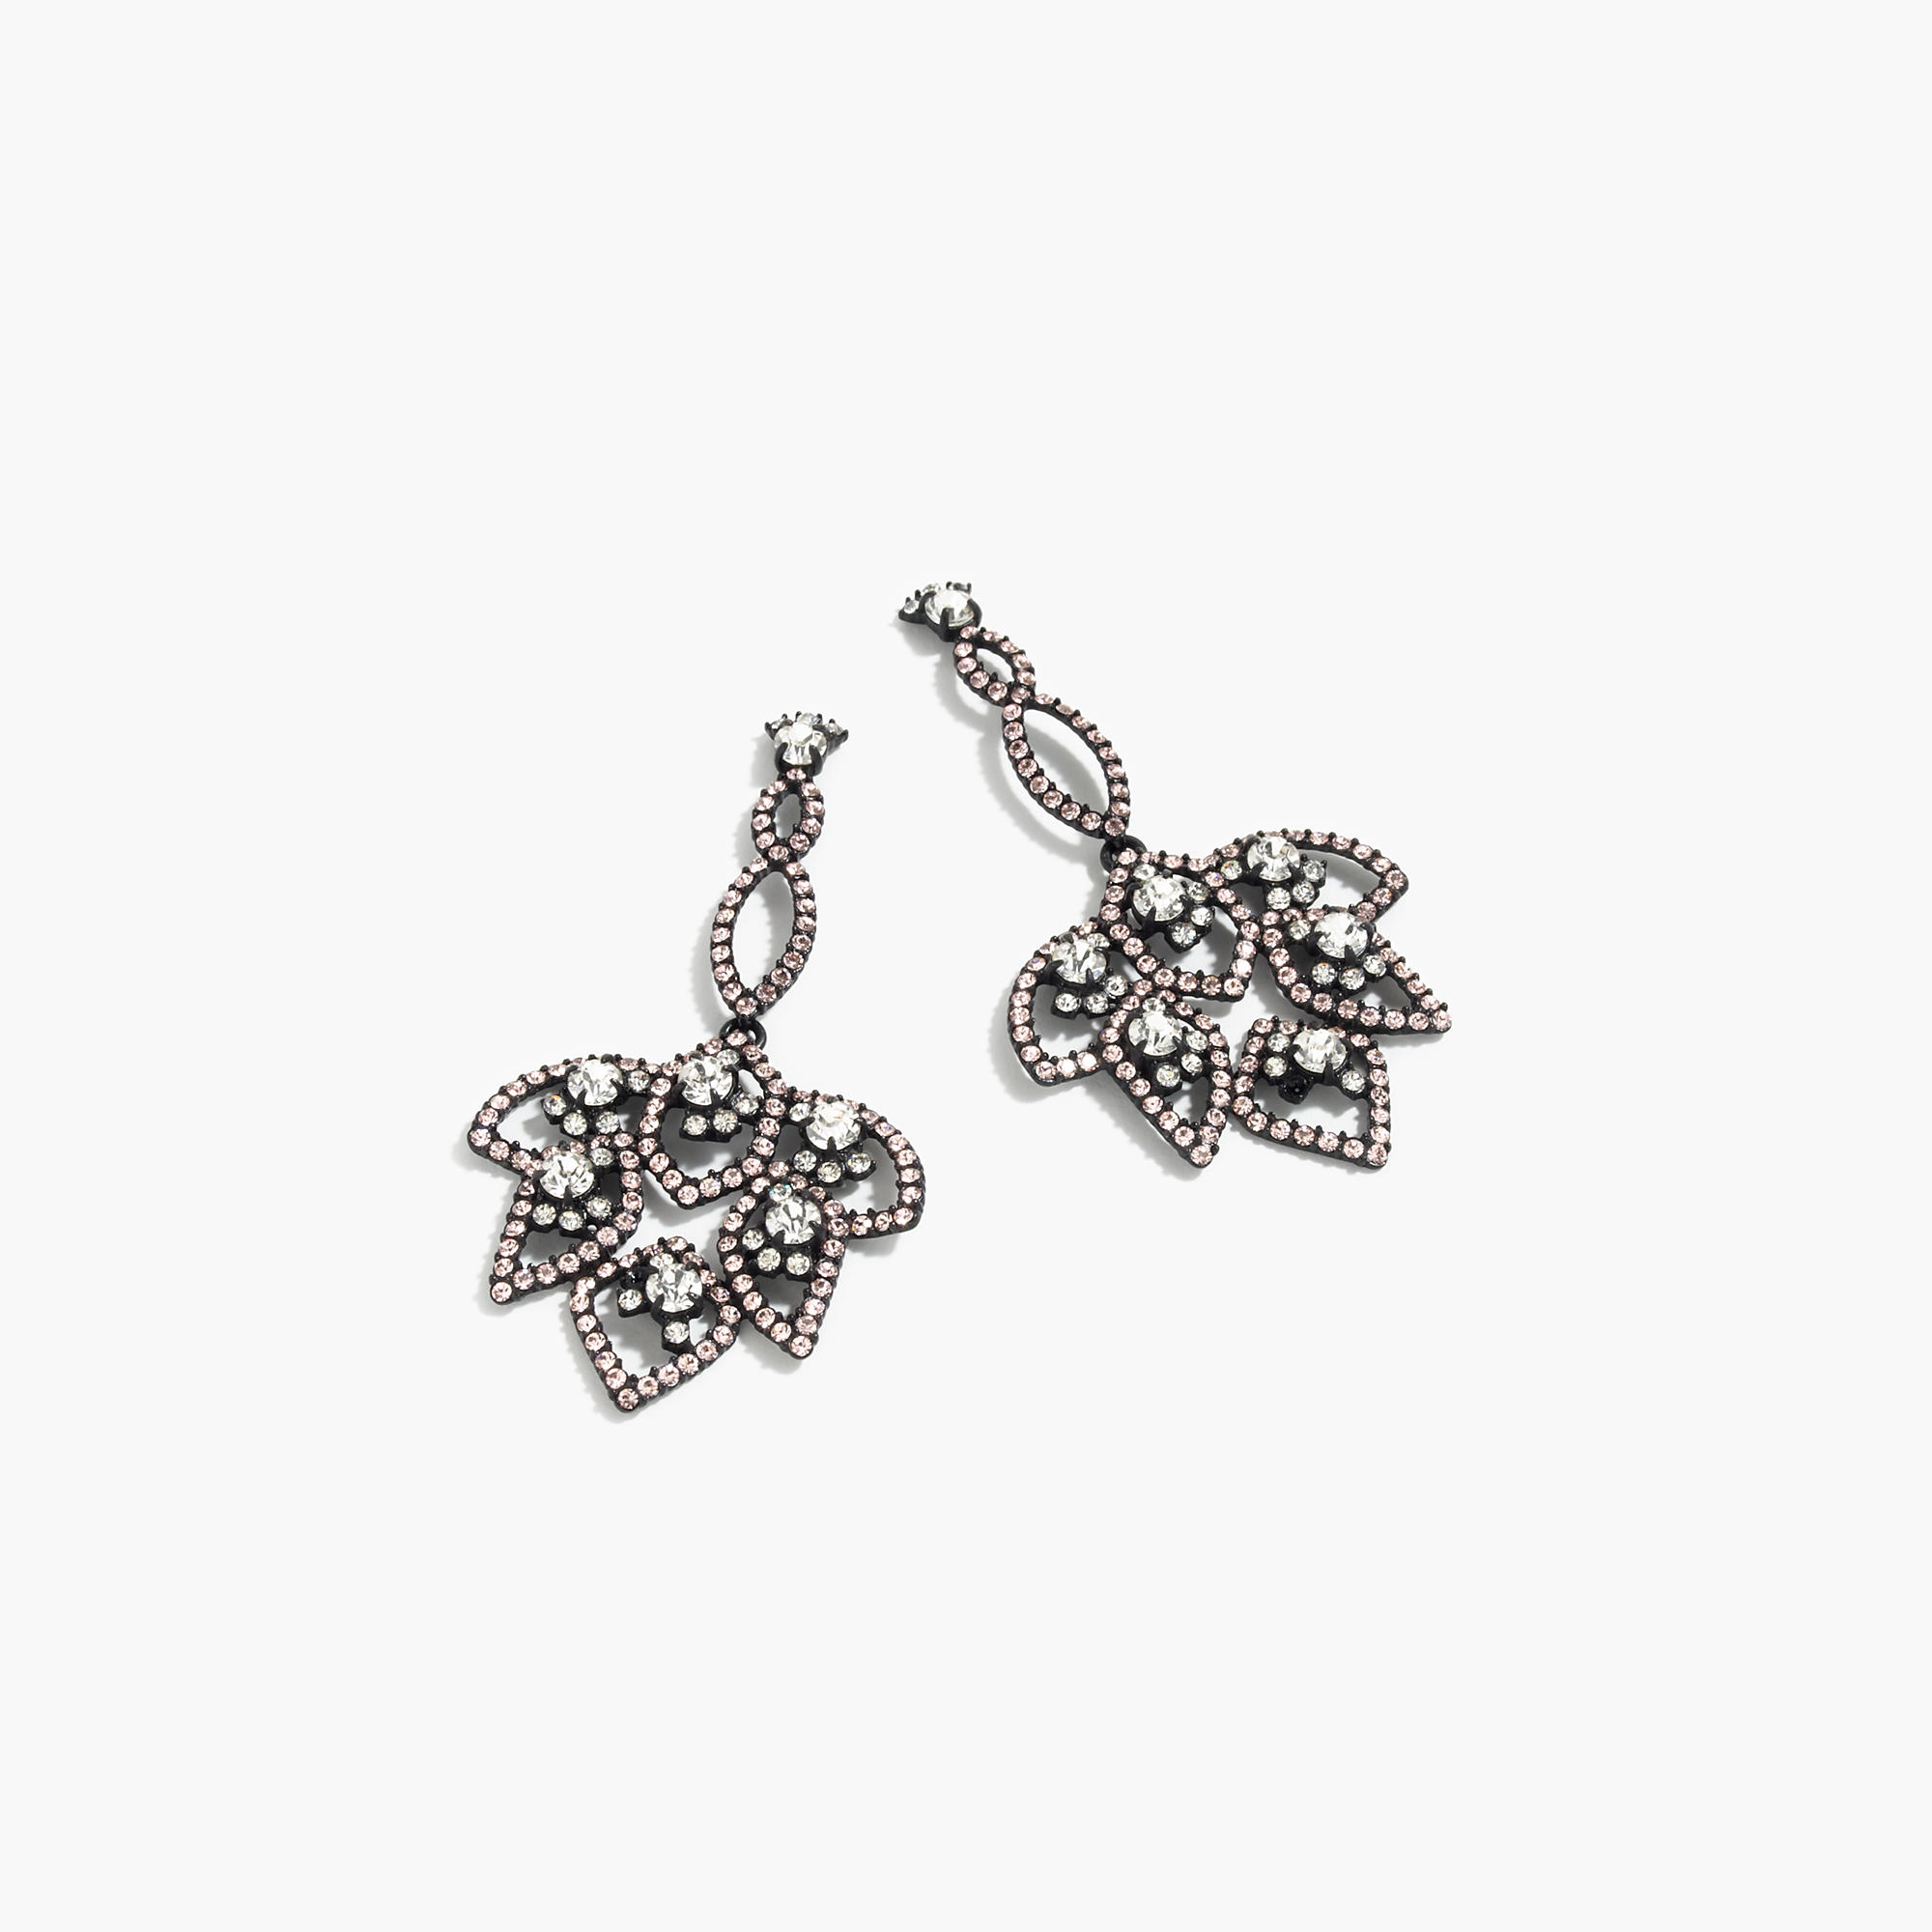 J Crew earrings_NA6489